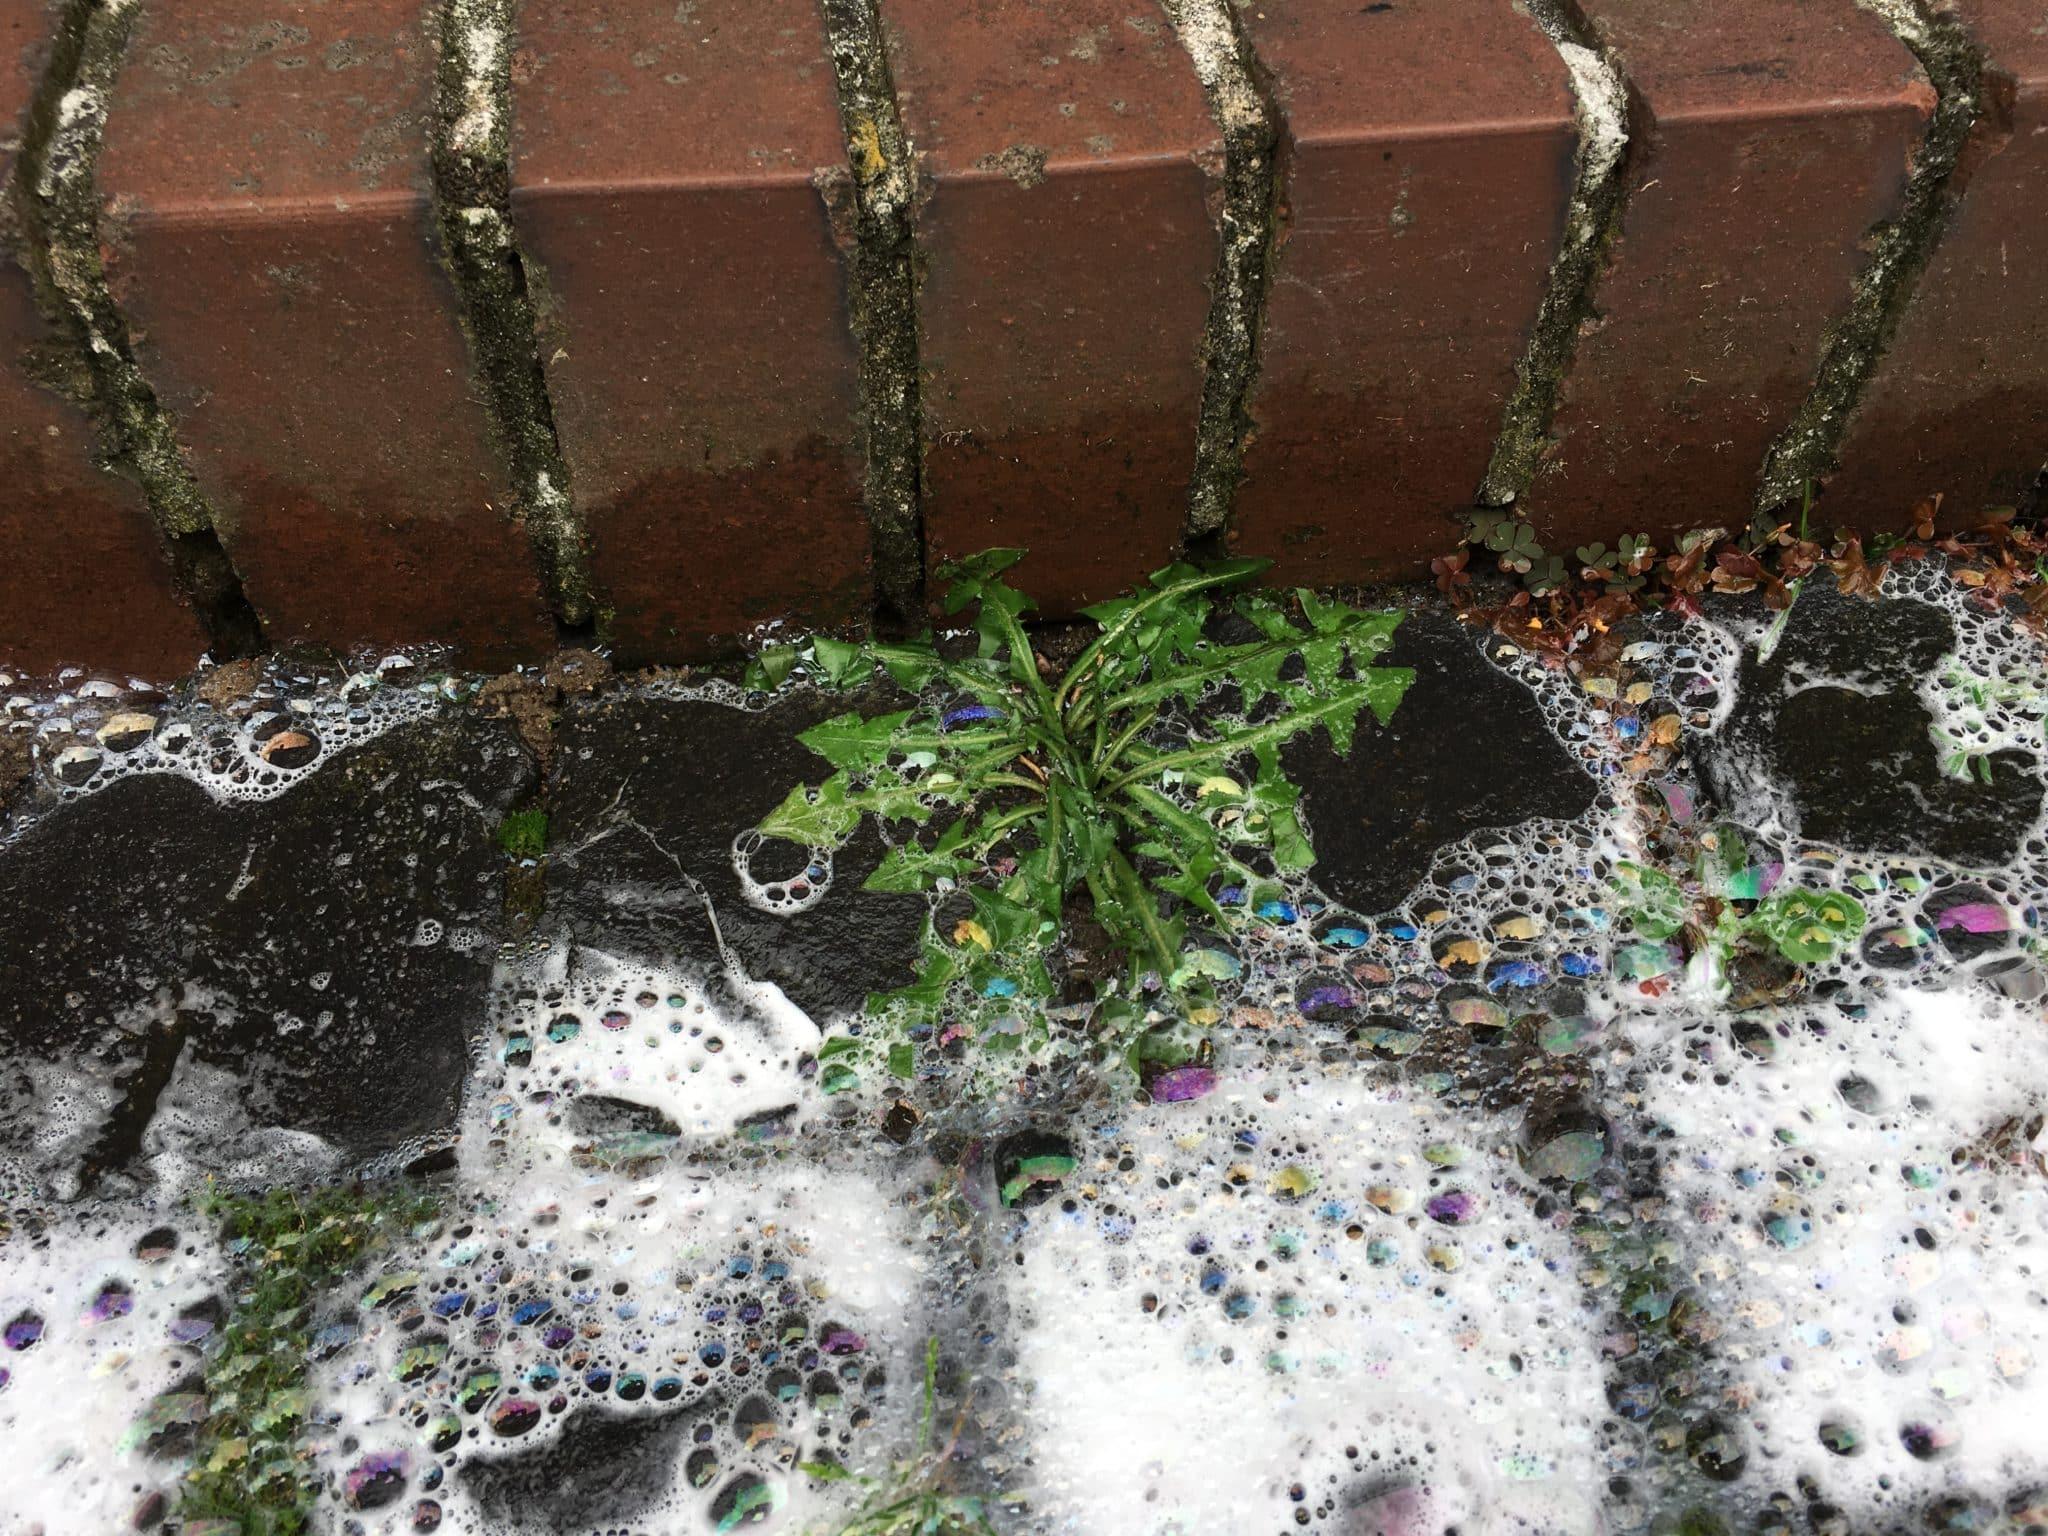 Unkrautbeseitigung mit Heißwasserschaum Bad Oeynhausen